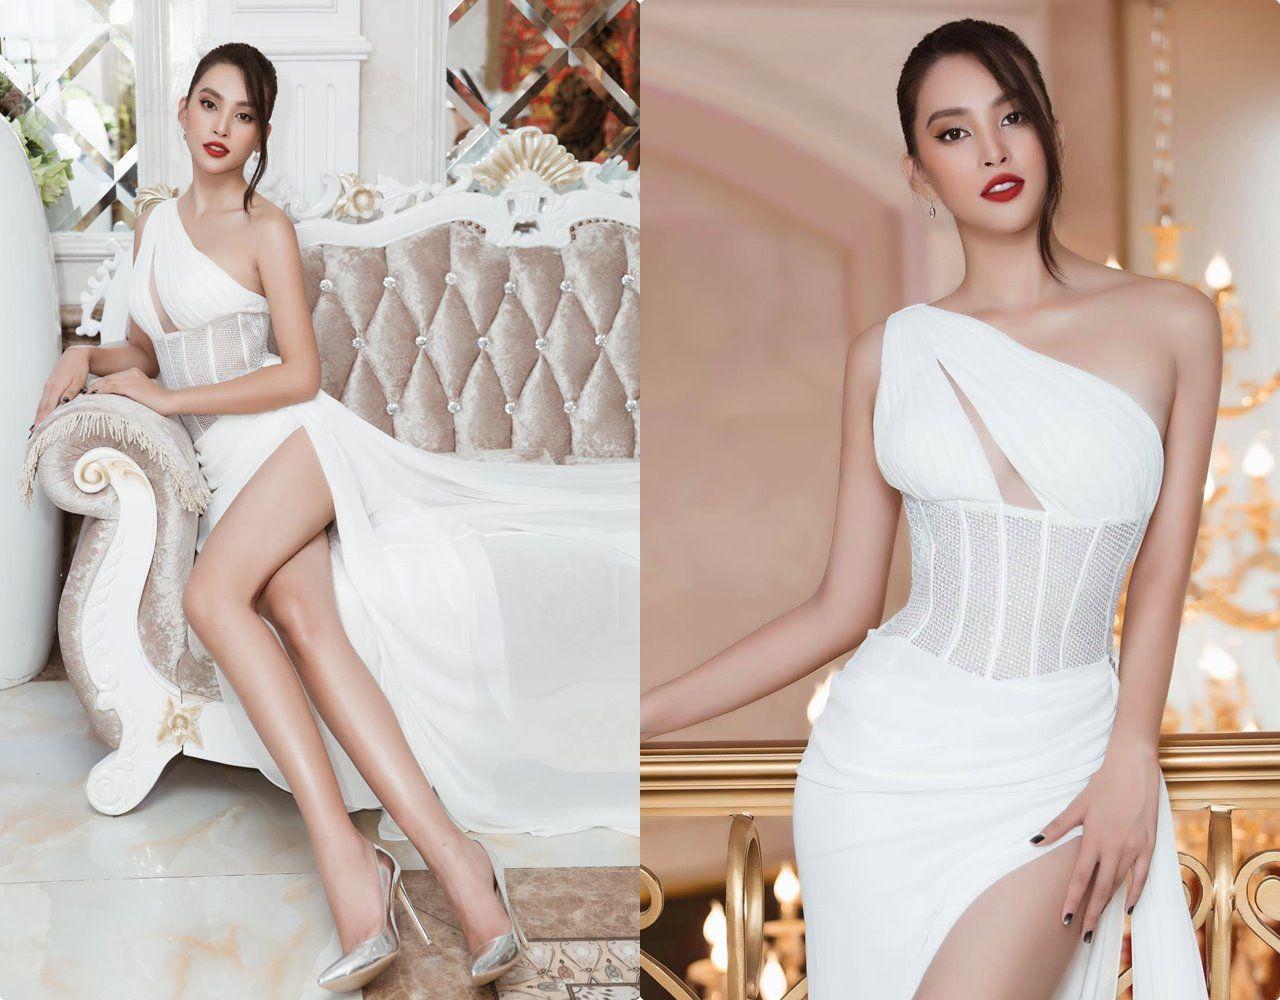 Hết nhiệm kỳ, 2 Hoa hậu nổi tiếng ngoan hiền nhất Vbiz đều amp;#34;xả vaiamp;#34;, mê váy áo hở bạo - 10